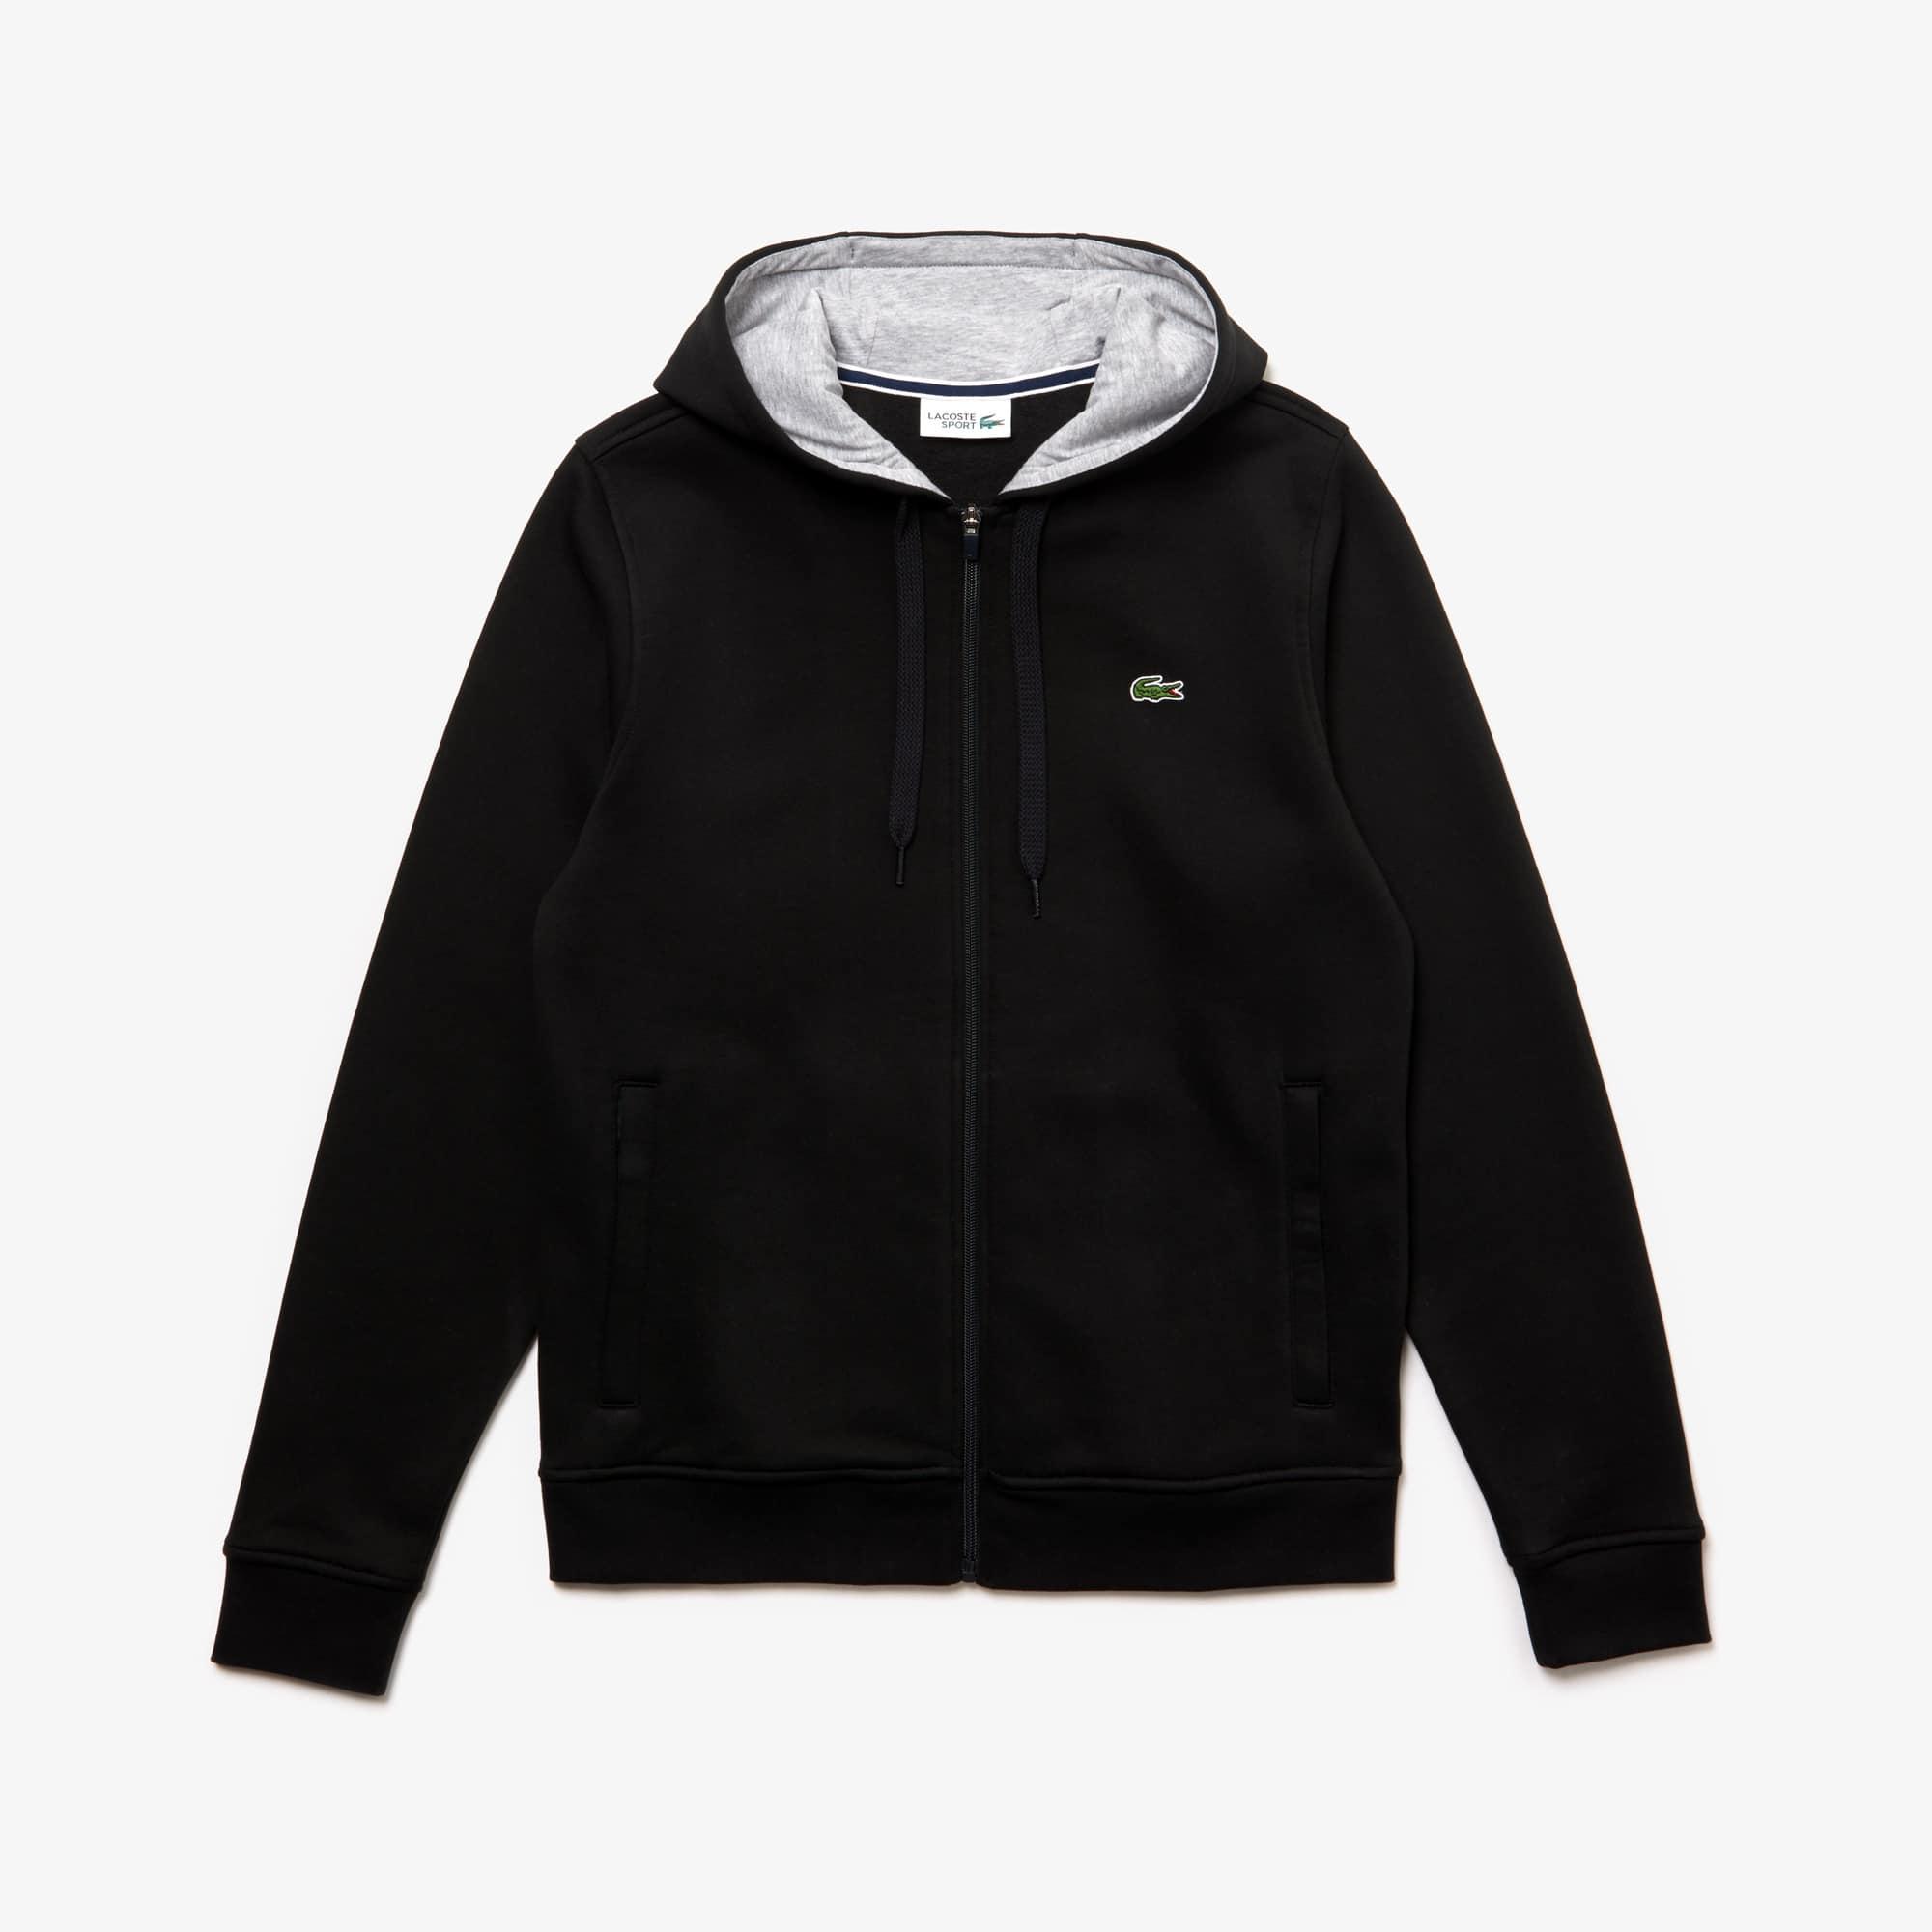 ae6cf0490179 Sweatshirt zippé à capuche Tennis Lacoste SPORT en molleton uni ...